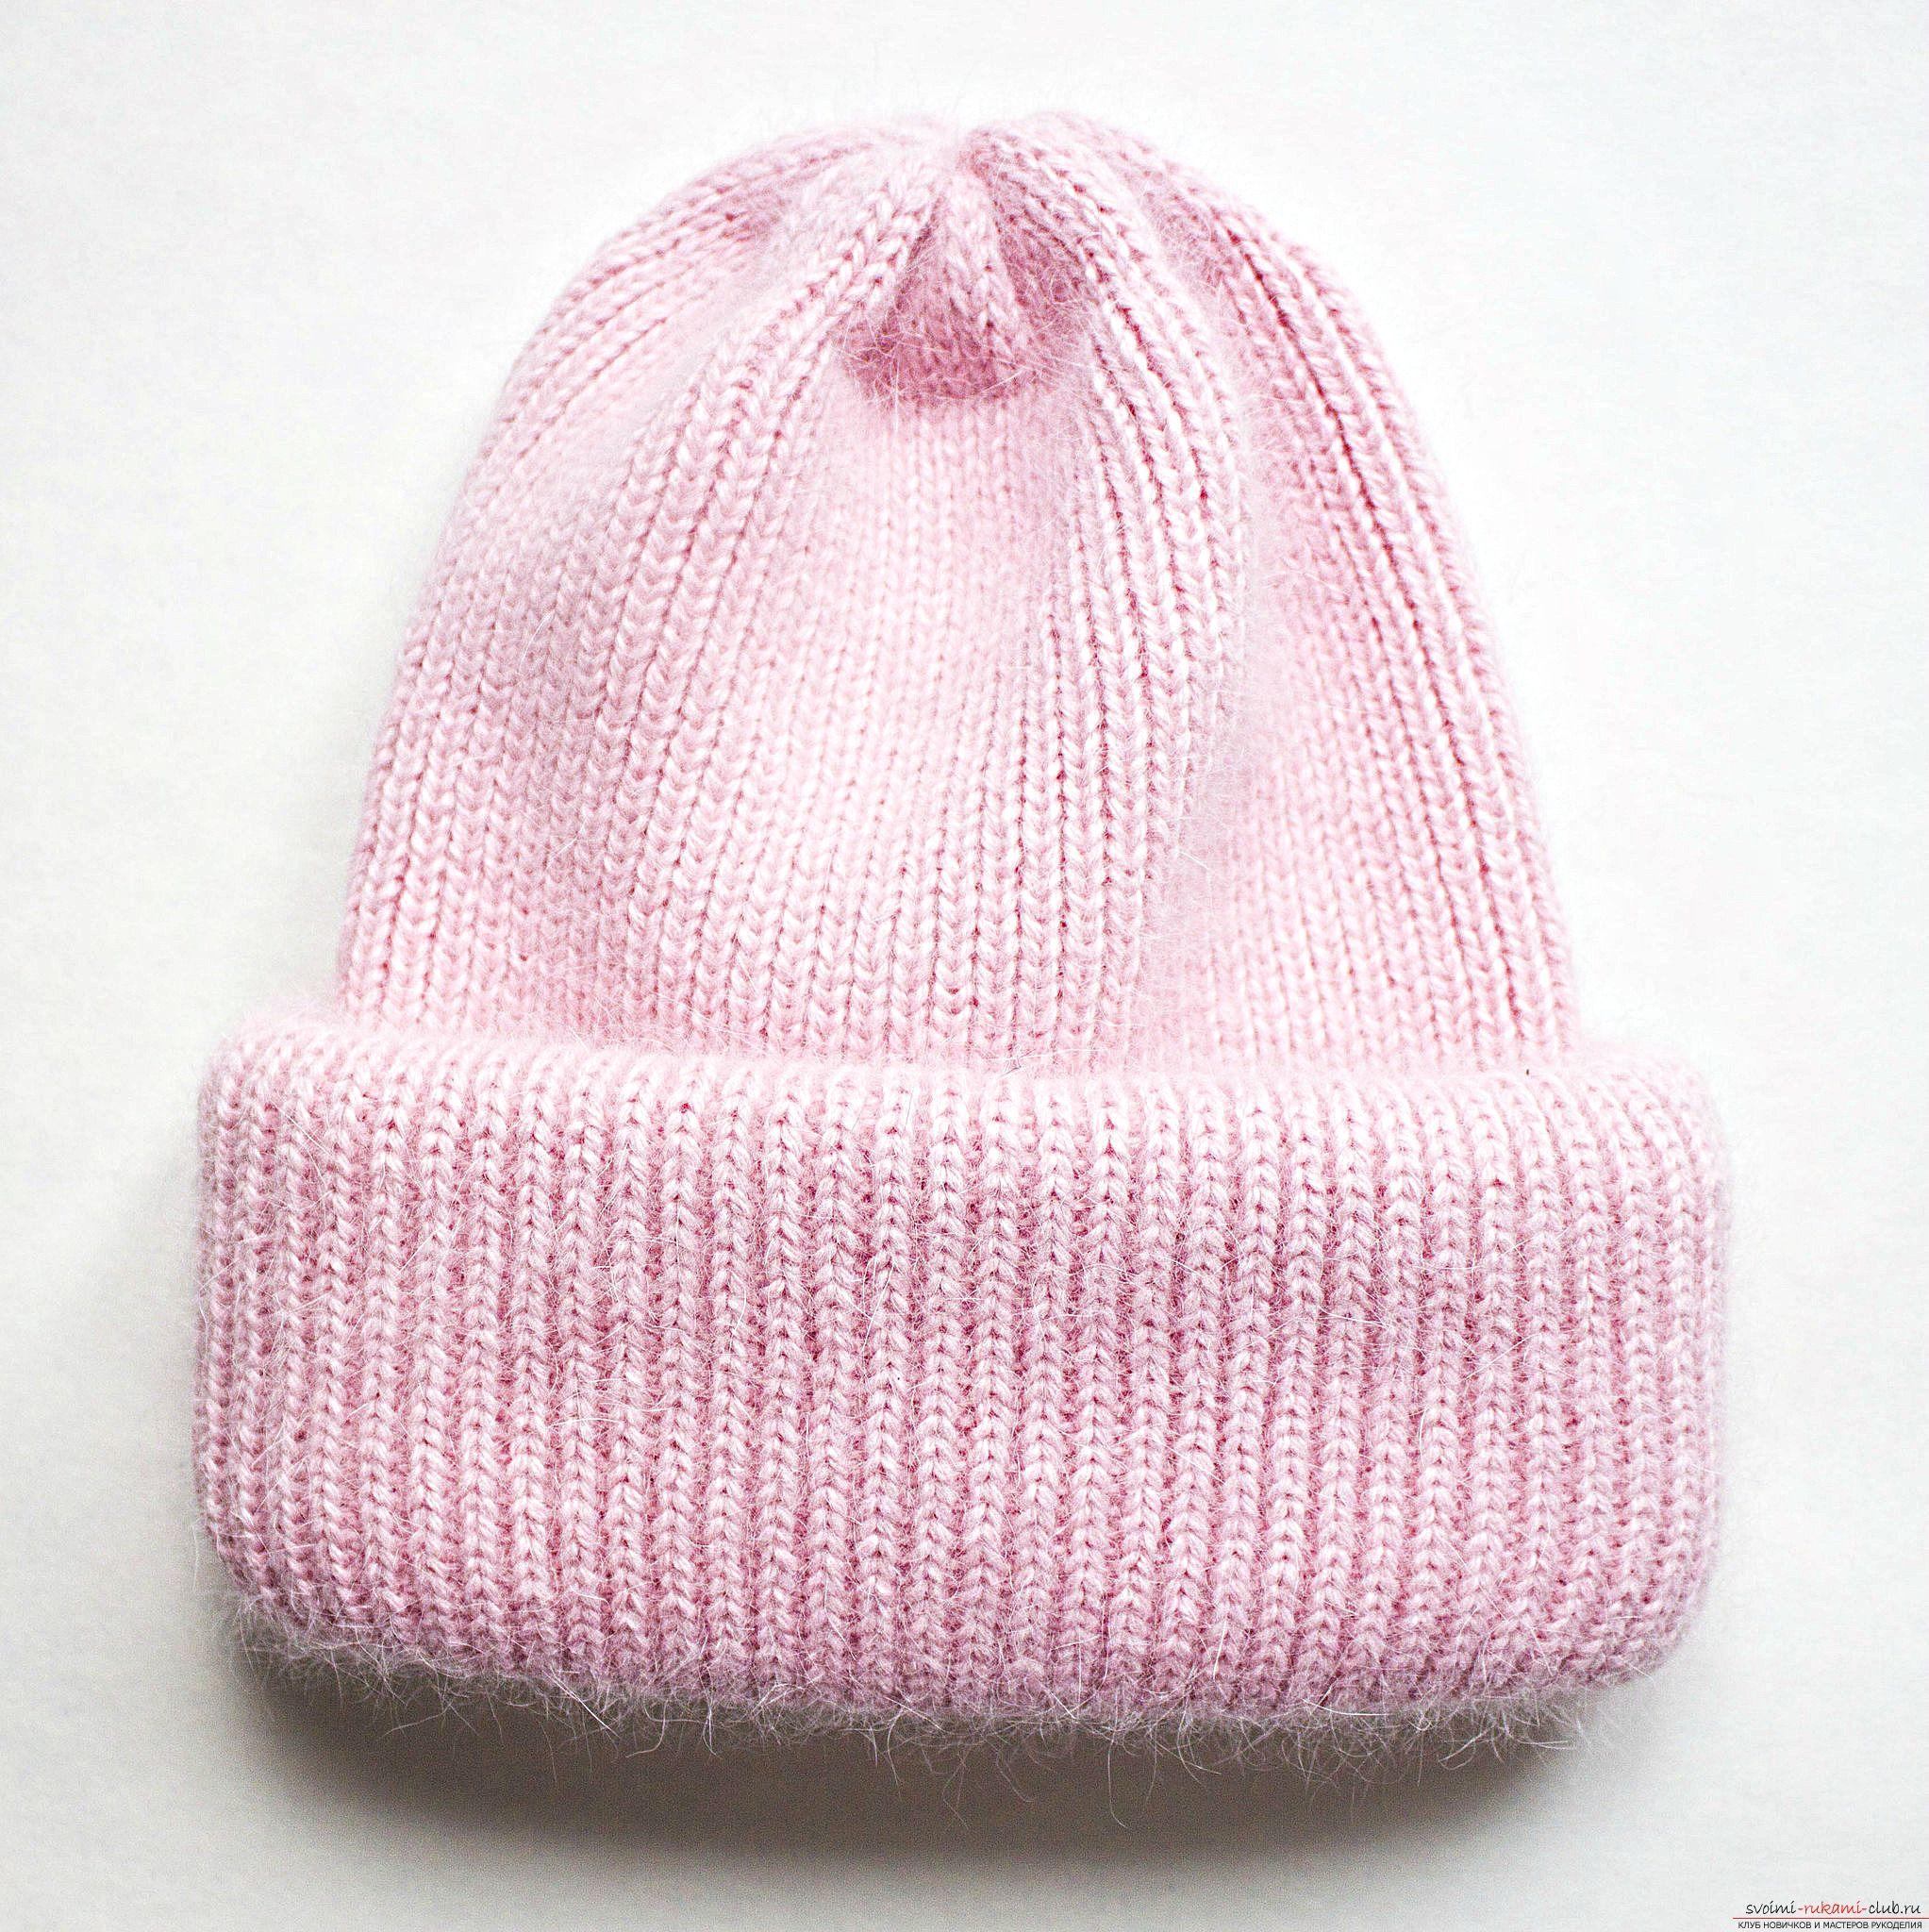 Вяжем шапку с отворотом   Вязаные шапки, Вязание, Схемы ...